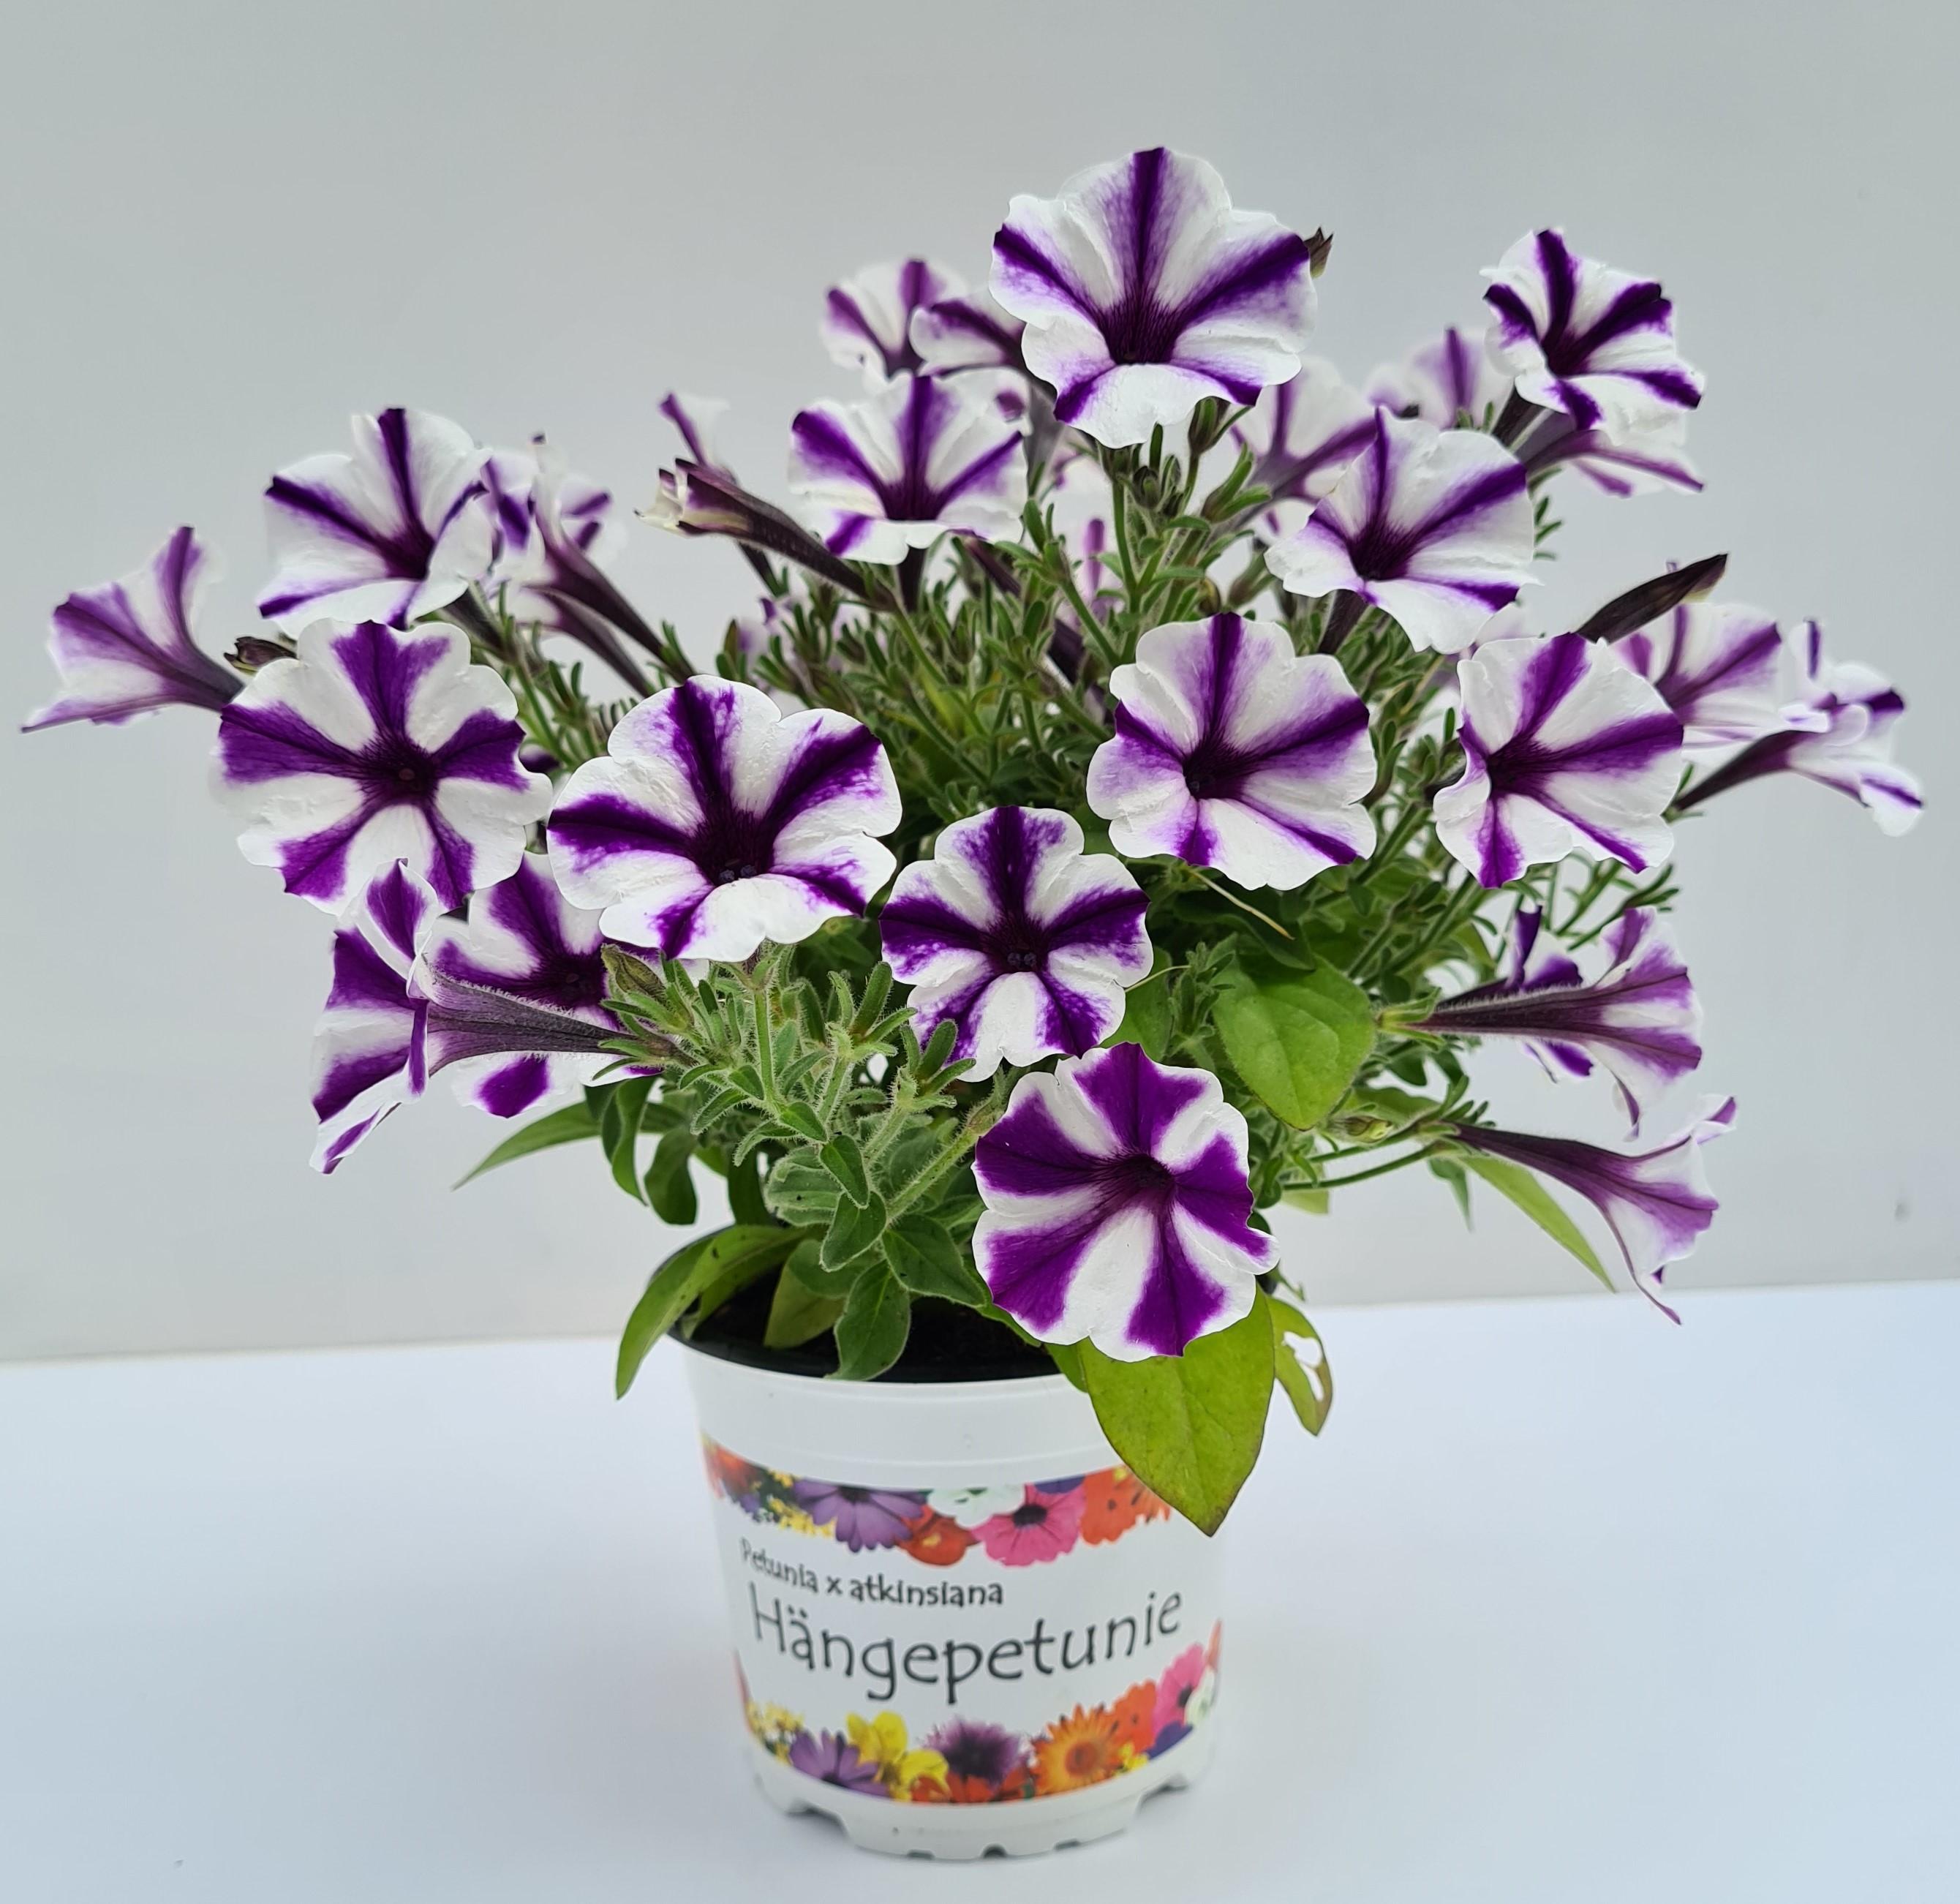 Petunie T12 Violet Star | Sternblüte großblumig